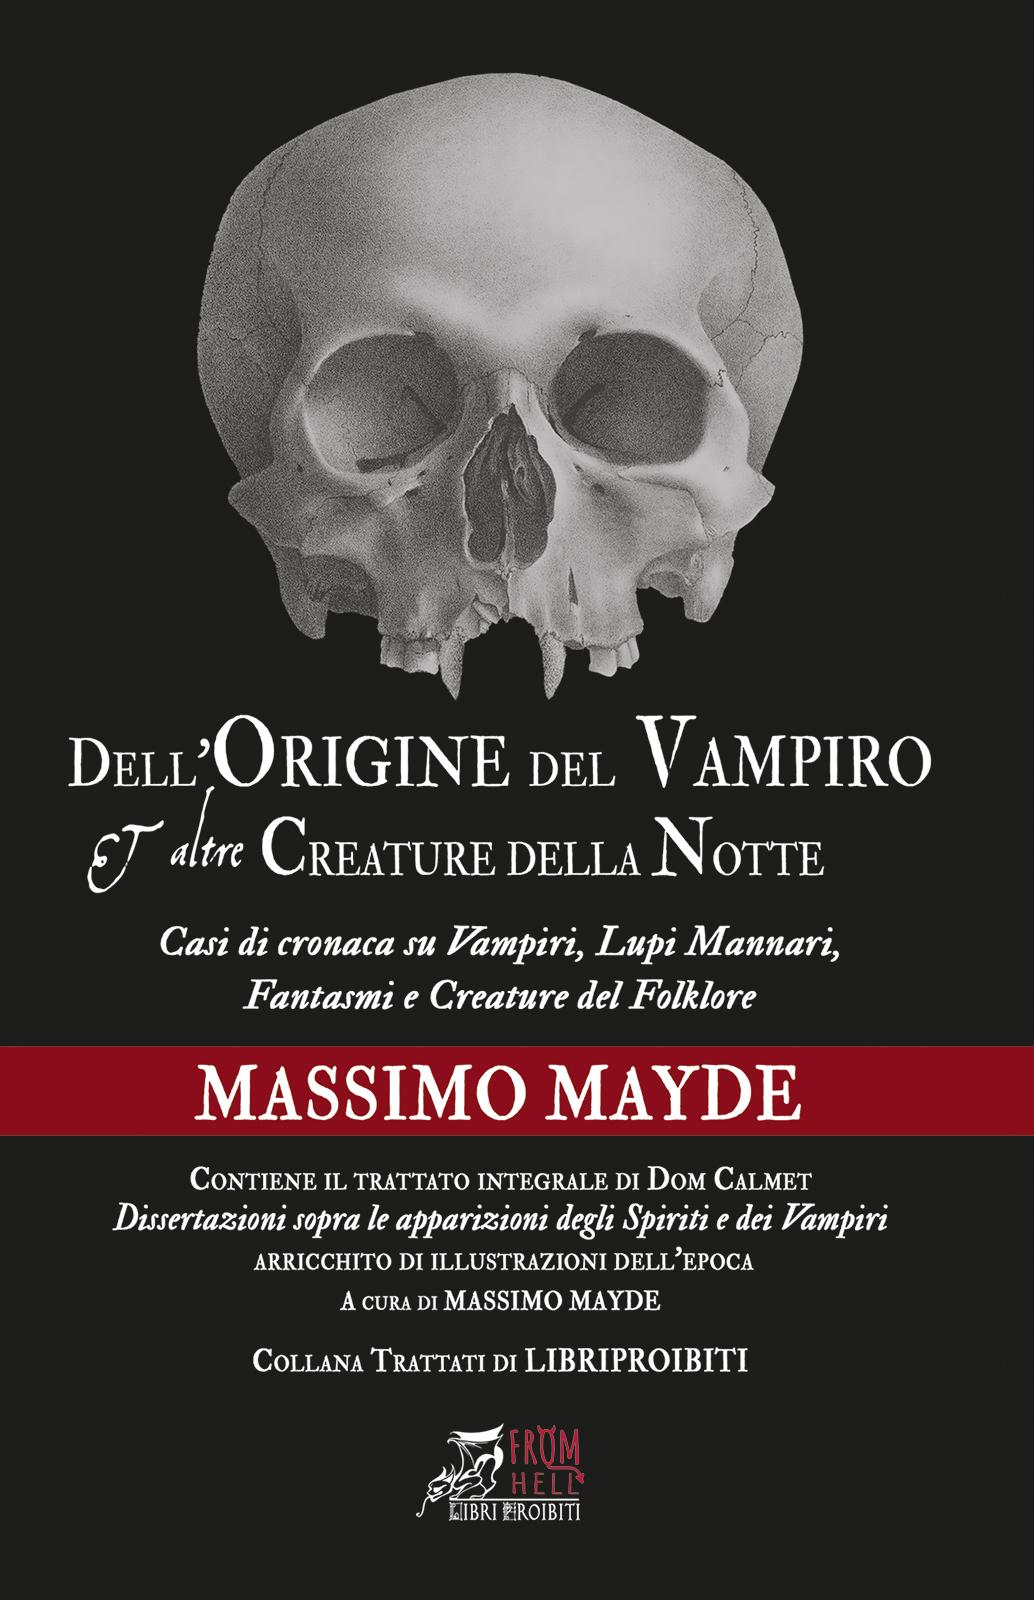 Dell'origine del Vampiro, Massimo Mayde